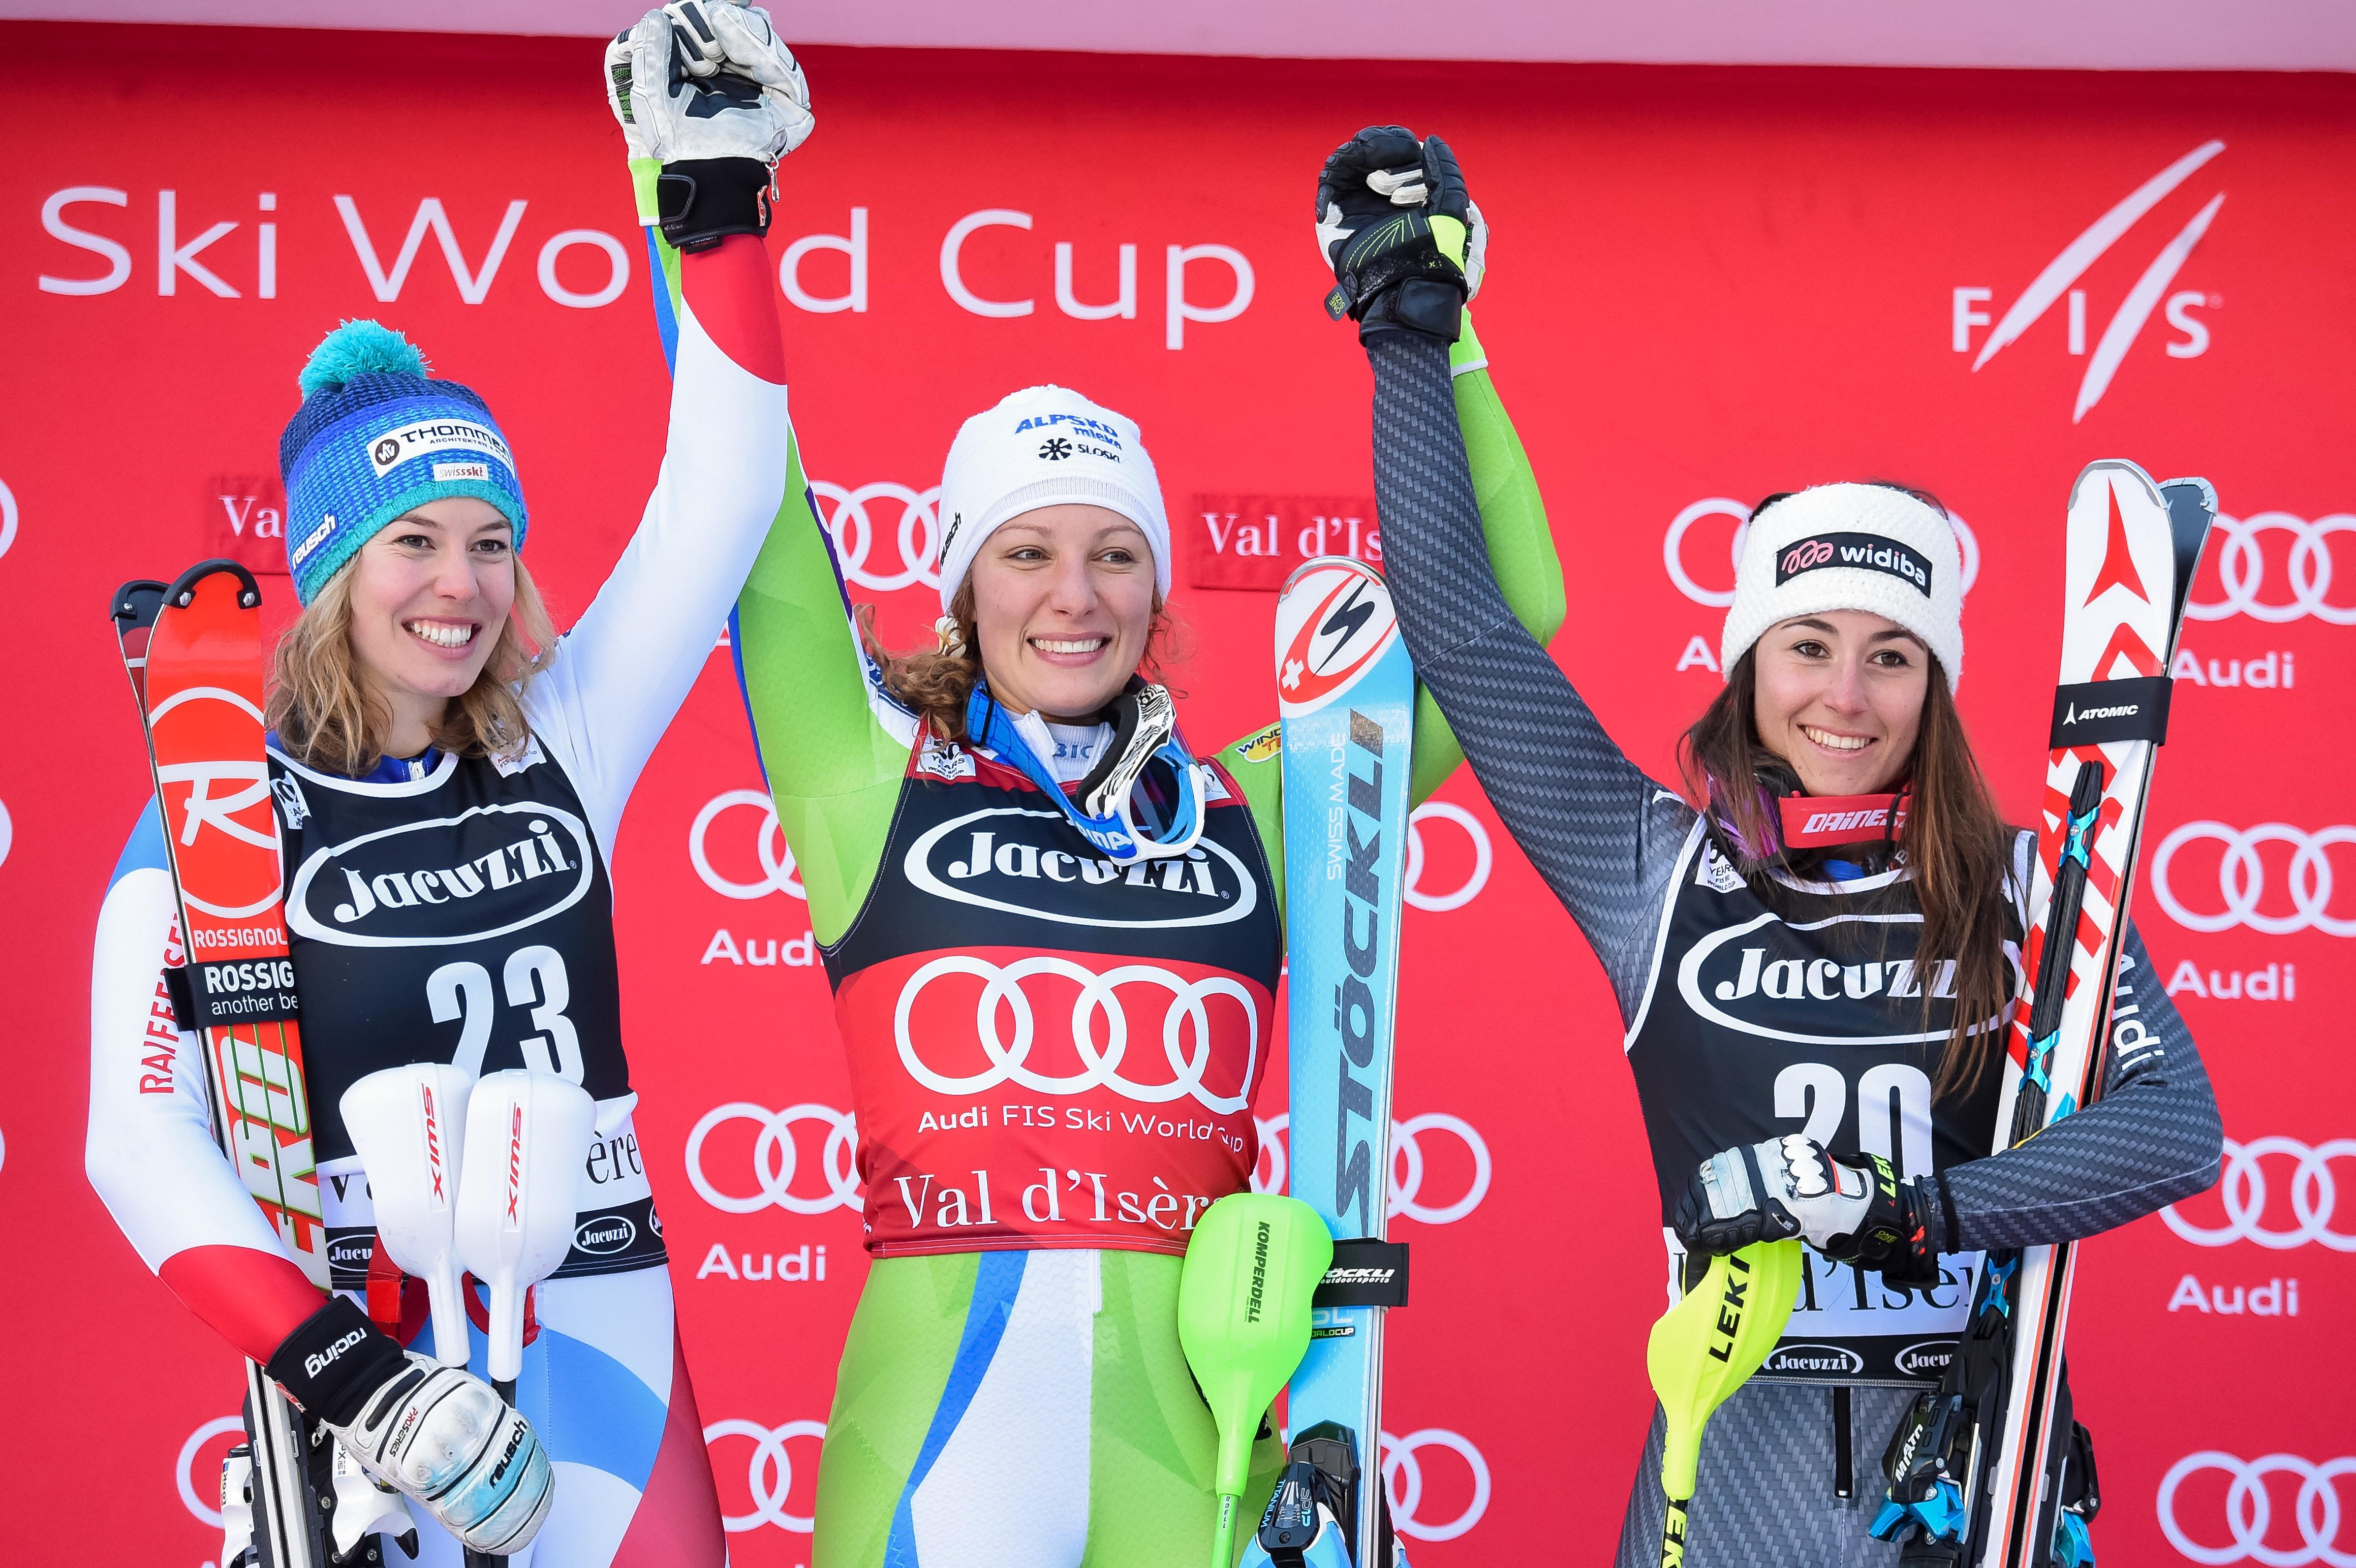 Michelle Gisin, Ilka Stuhec e Sofia Goggia sul podio in Val d'Isere (@Zoom agence)